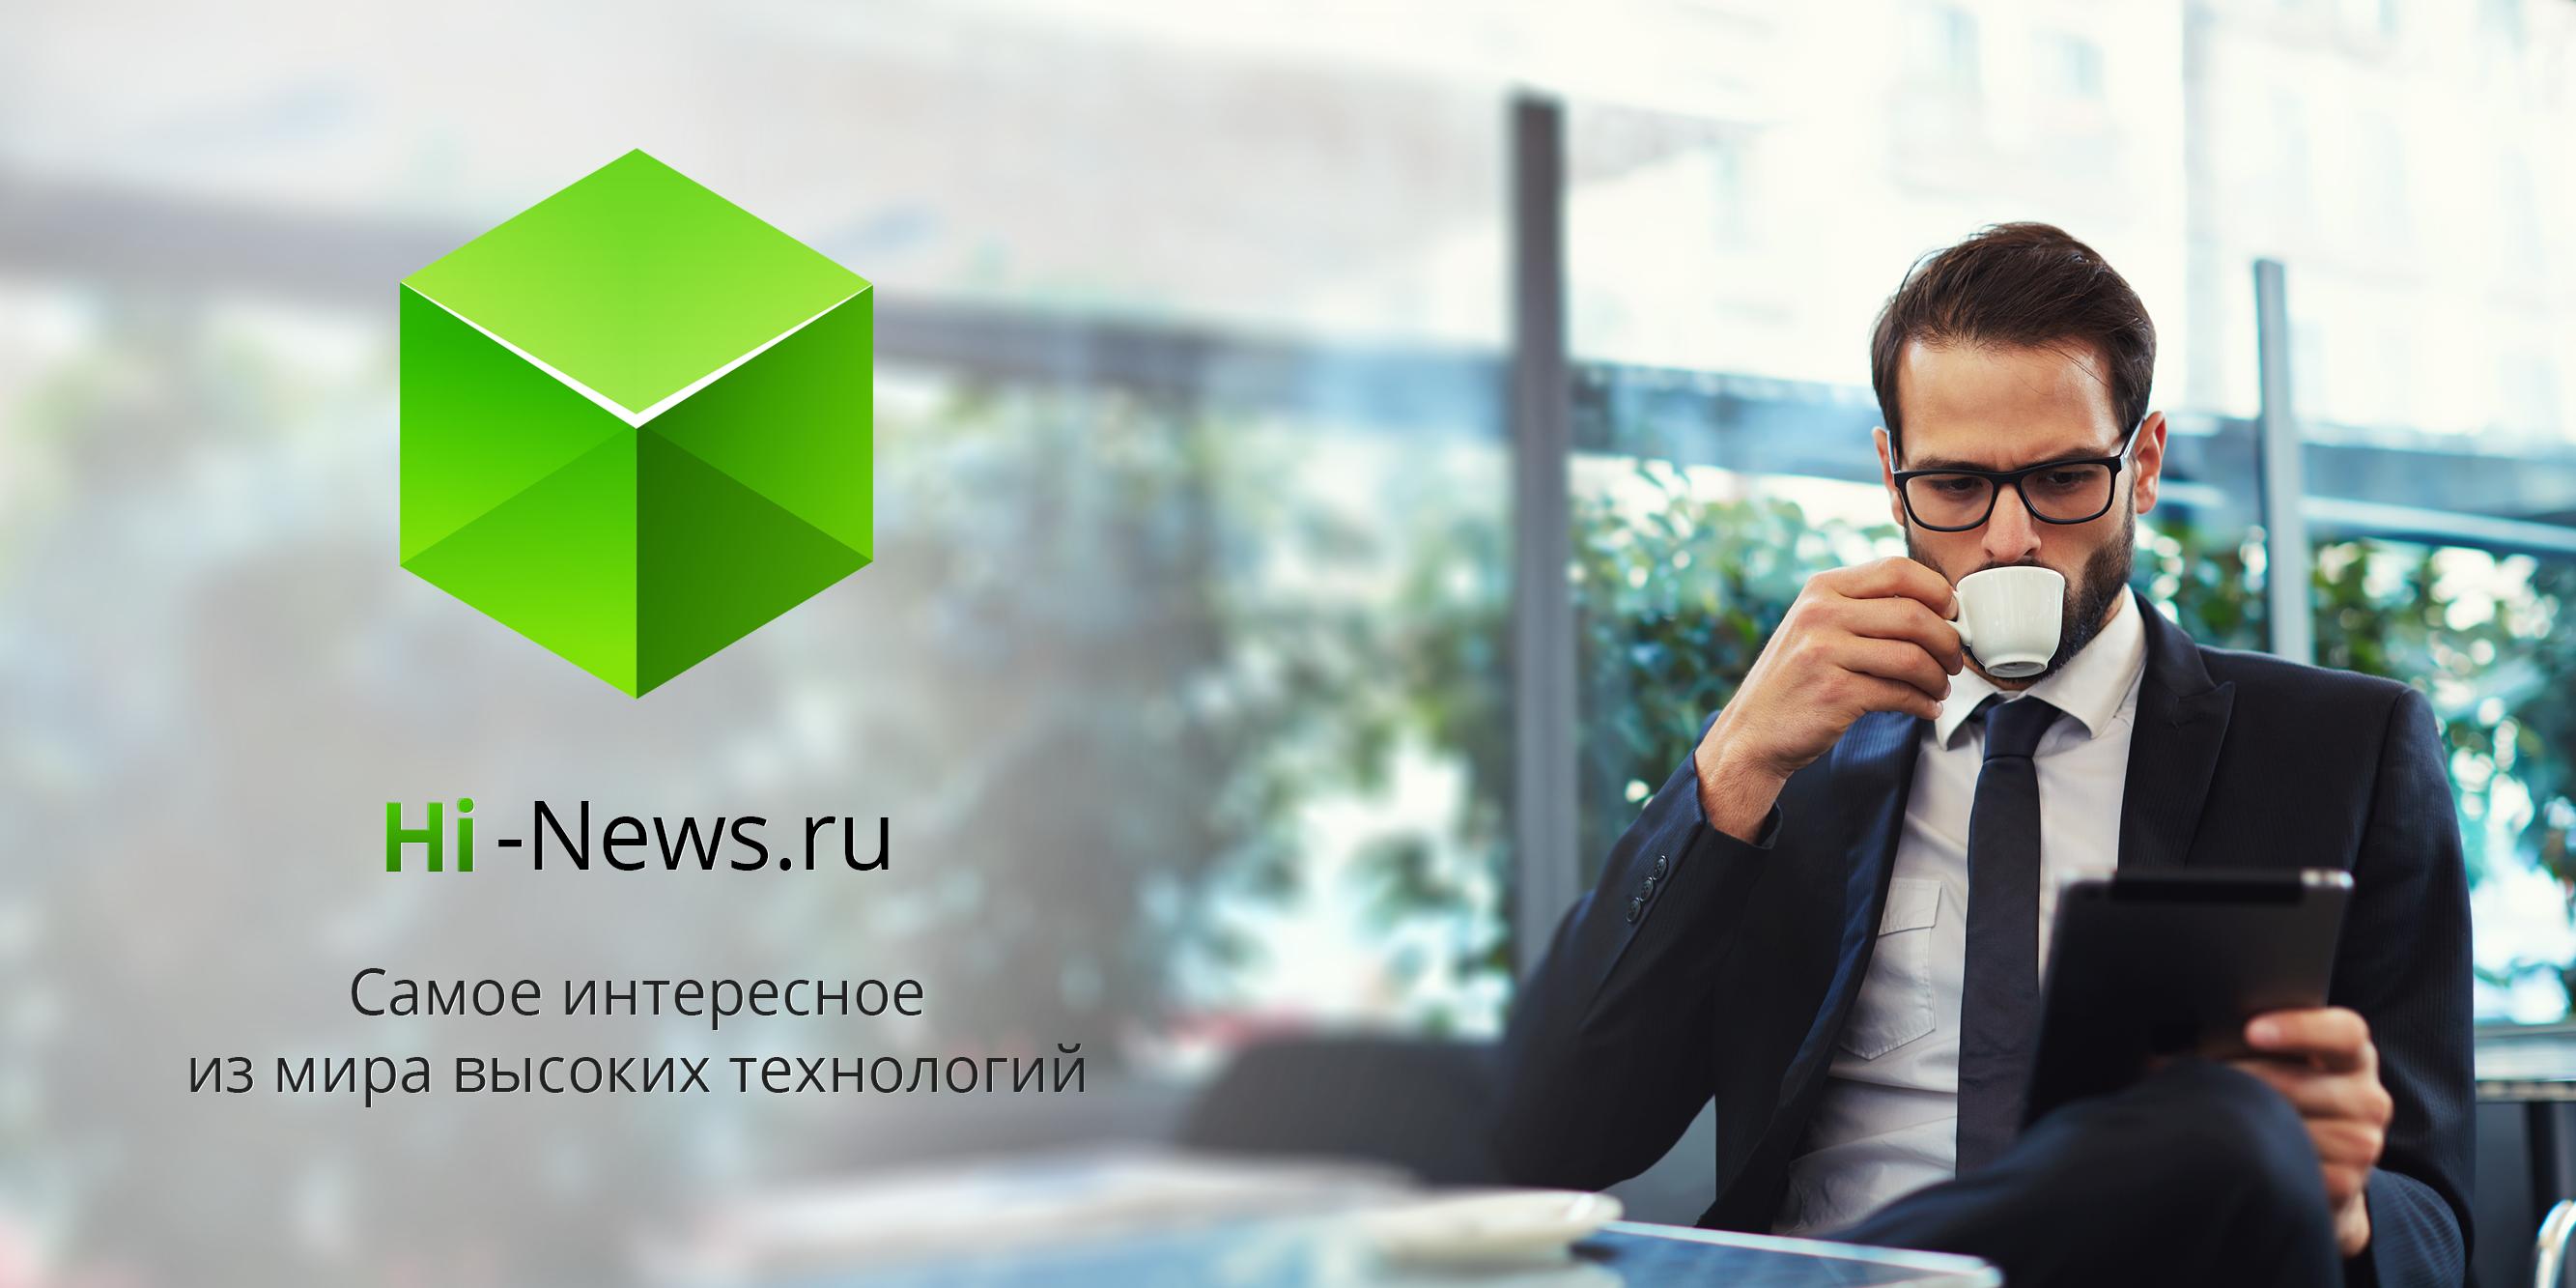 Hi-News.ru для iOS — новости высоких технологий в новом дизайне